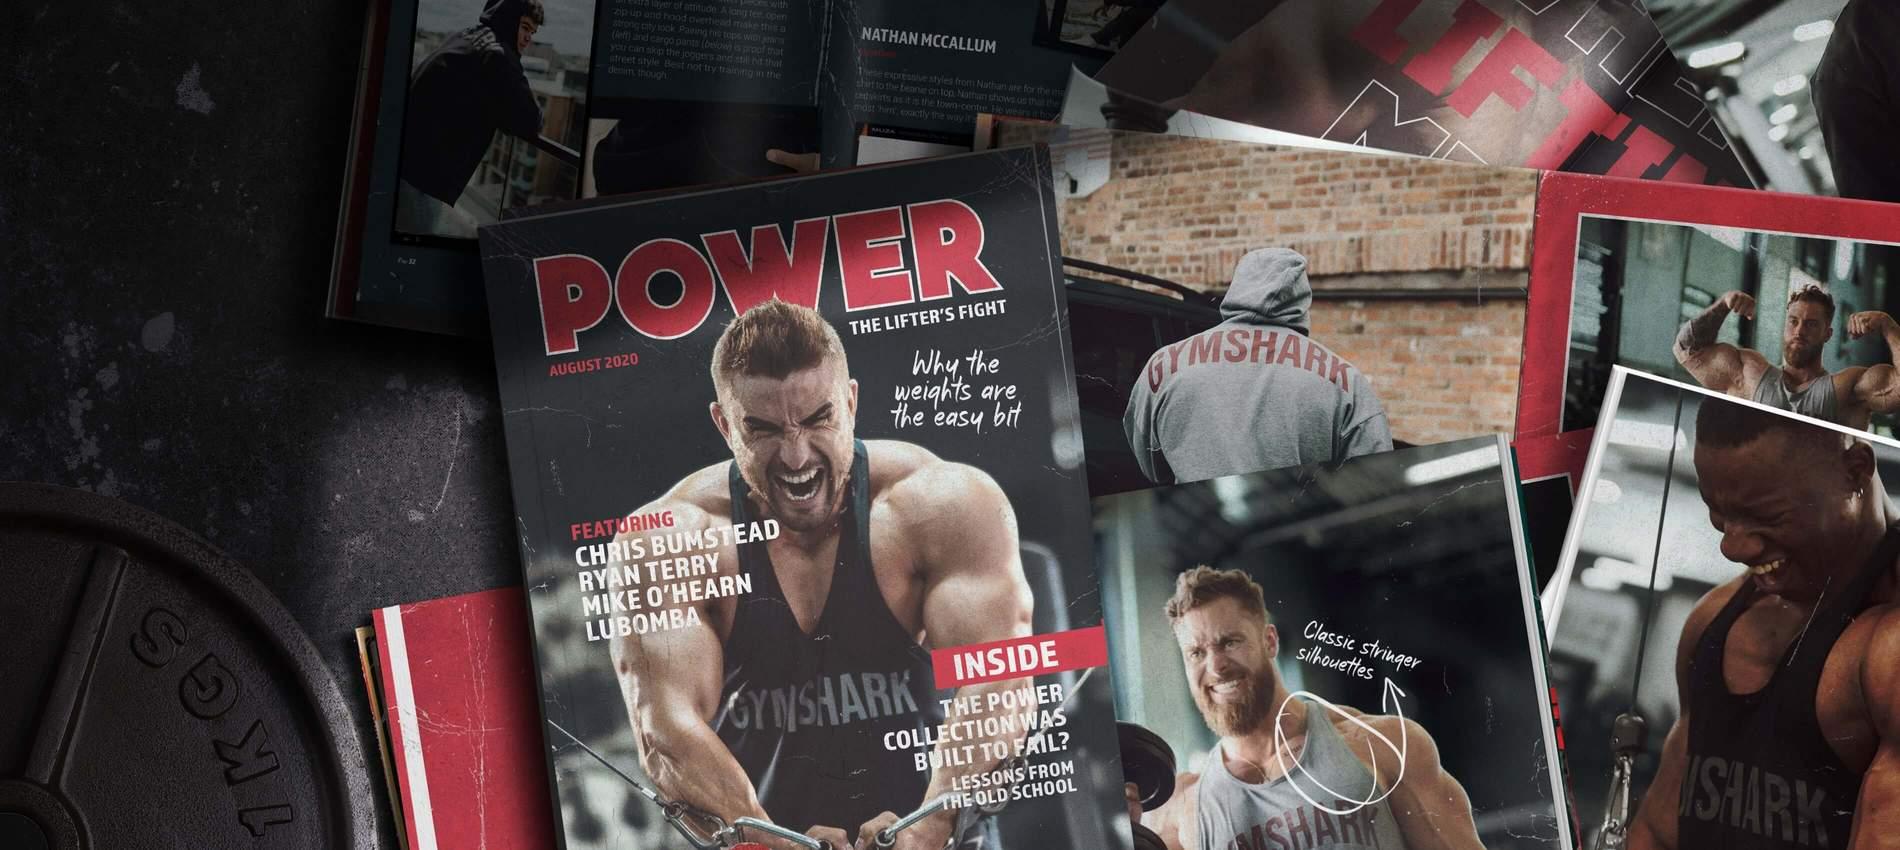 Collage von Zeitschriftcovern und -seiten mit männlichen Gymshark Athleten, die die neue Power Kollektion tragen.